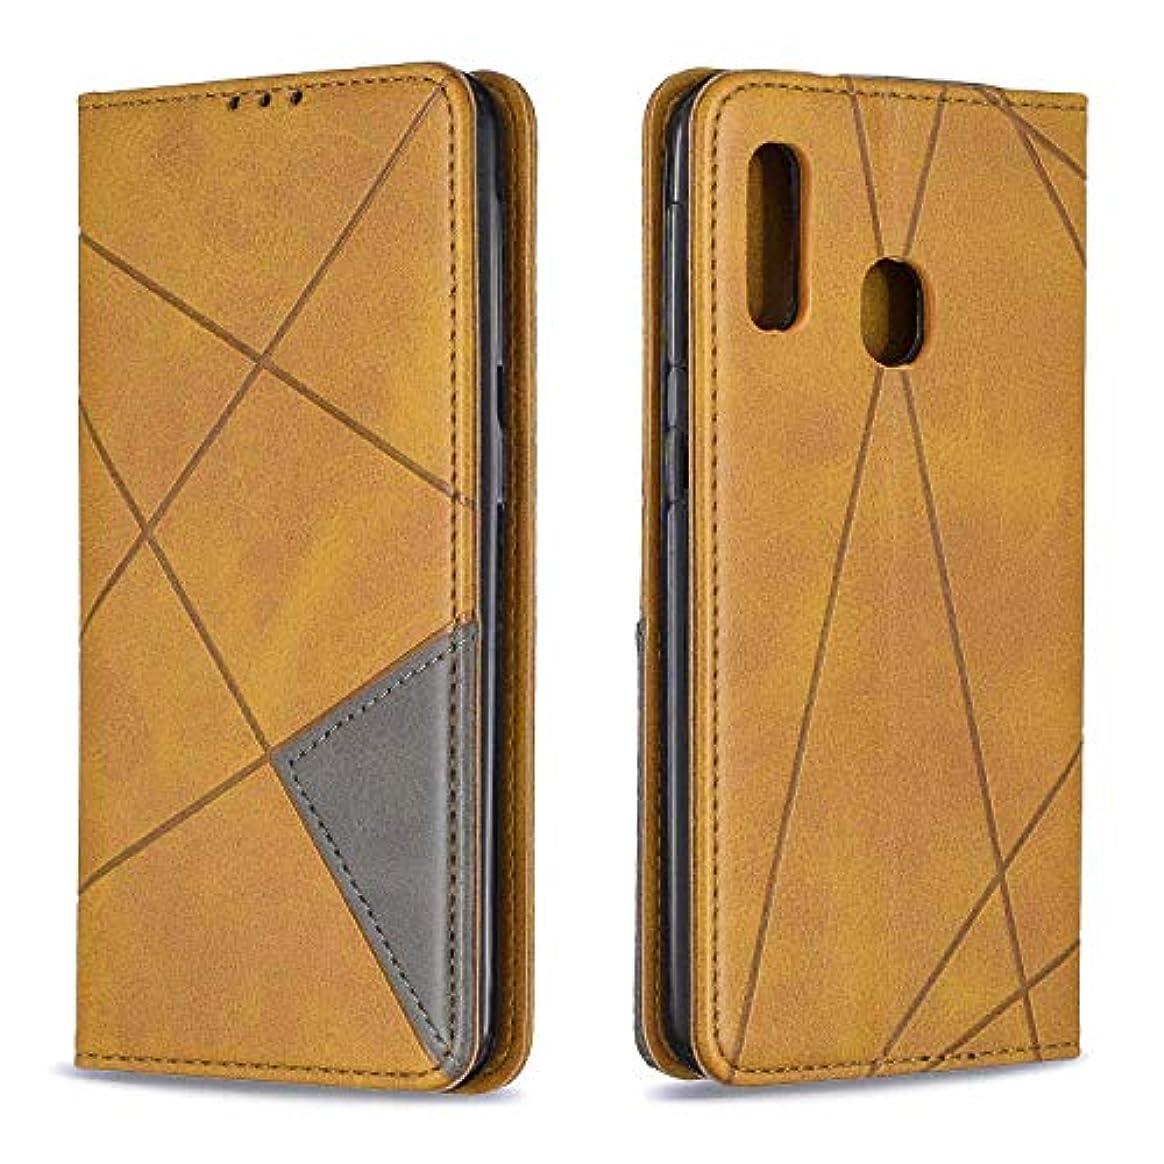 証書エリート人類CUSKING Galaxy A10e ケース, 高級 Samsung Galaxy A10e 手帳型 スマホケース, PUレザー フリップ ノート型 カード収納 付き保護ケース, イエロー